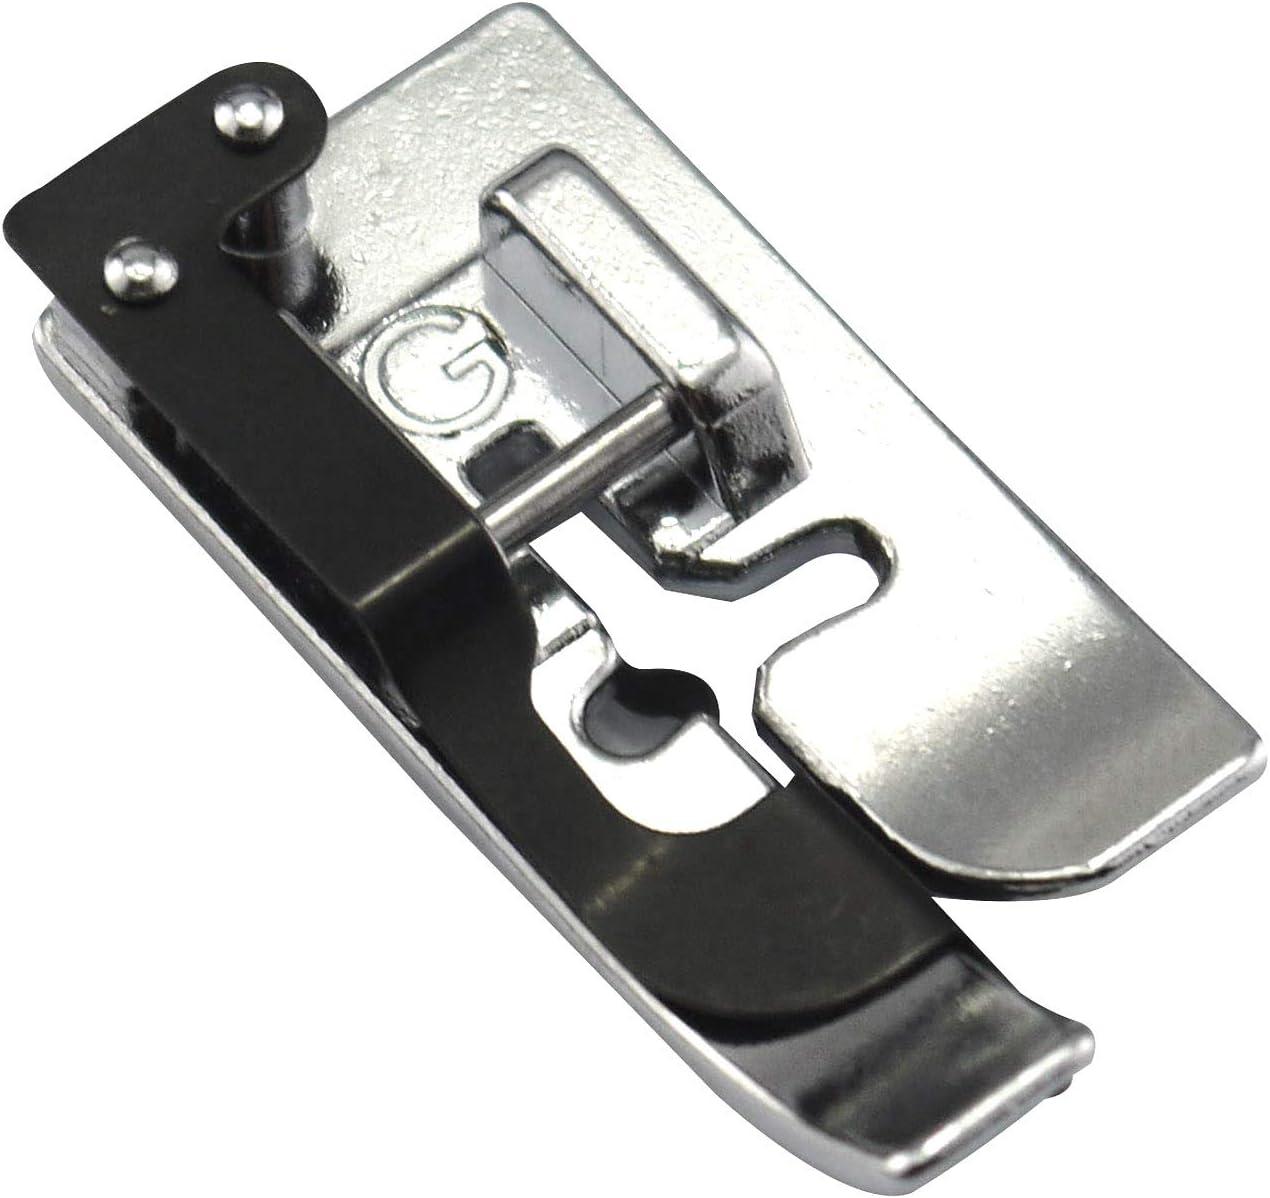 DREAMSTITCH 825817009 Prensatelas para dobladillo ciego de 7 mm para Elna, Janome, Necchi 825817009: Amazon.es: Hogar